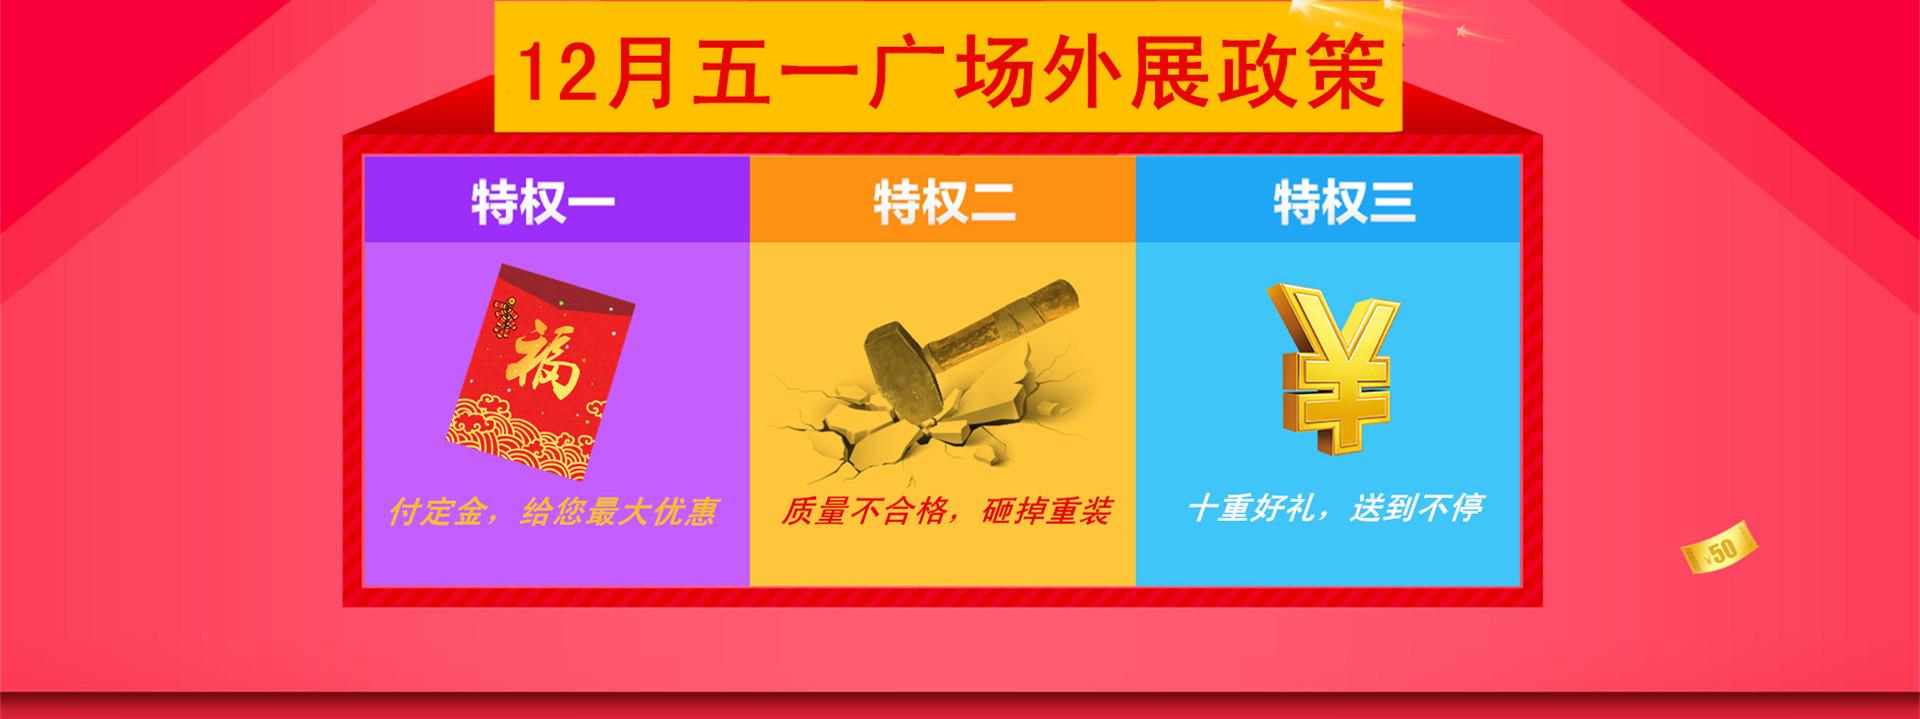 龍劍裝飾12月五一廣場外展政策